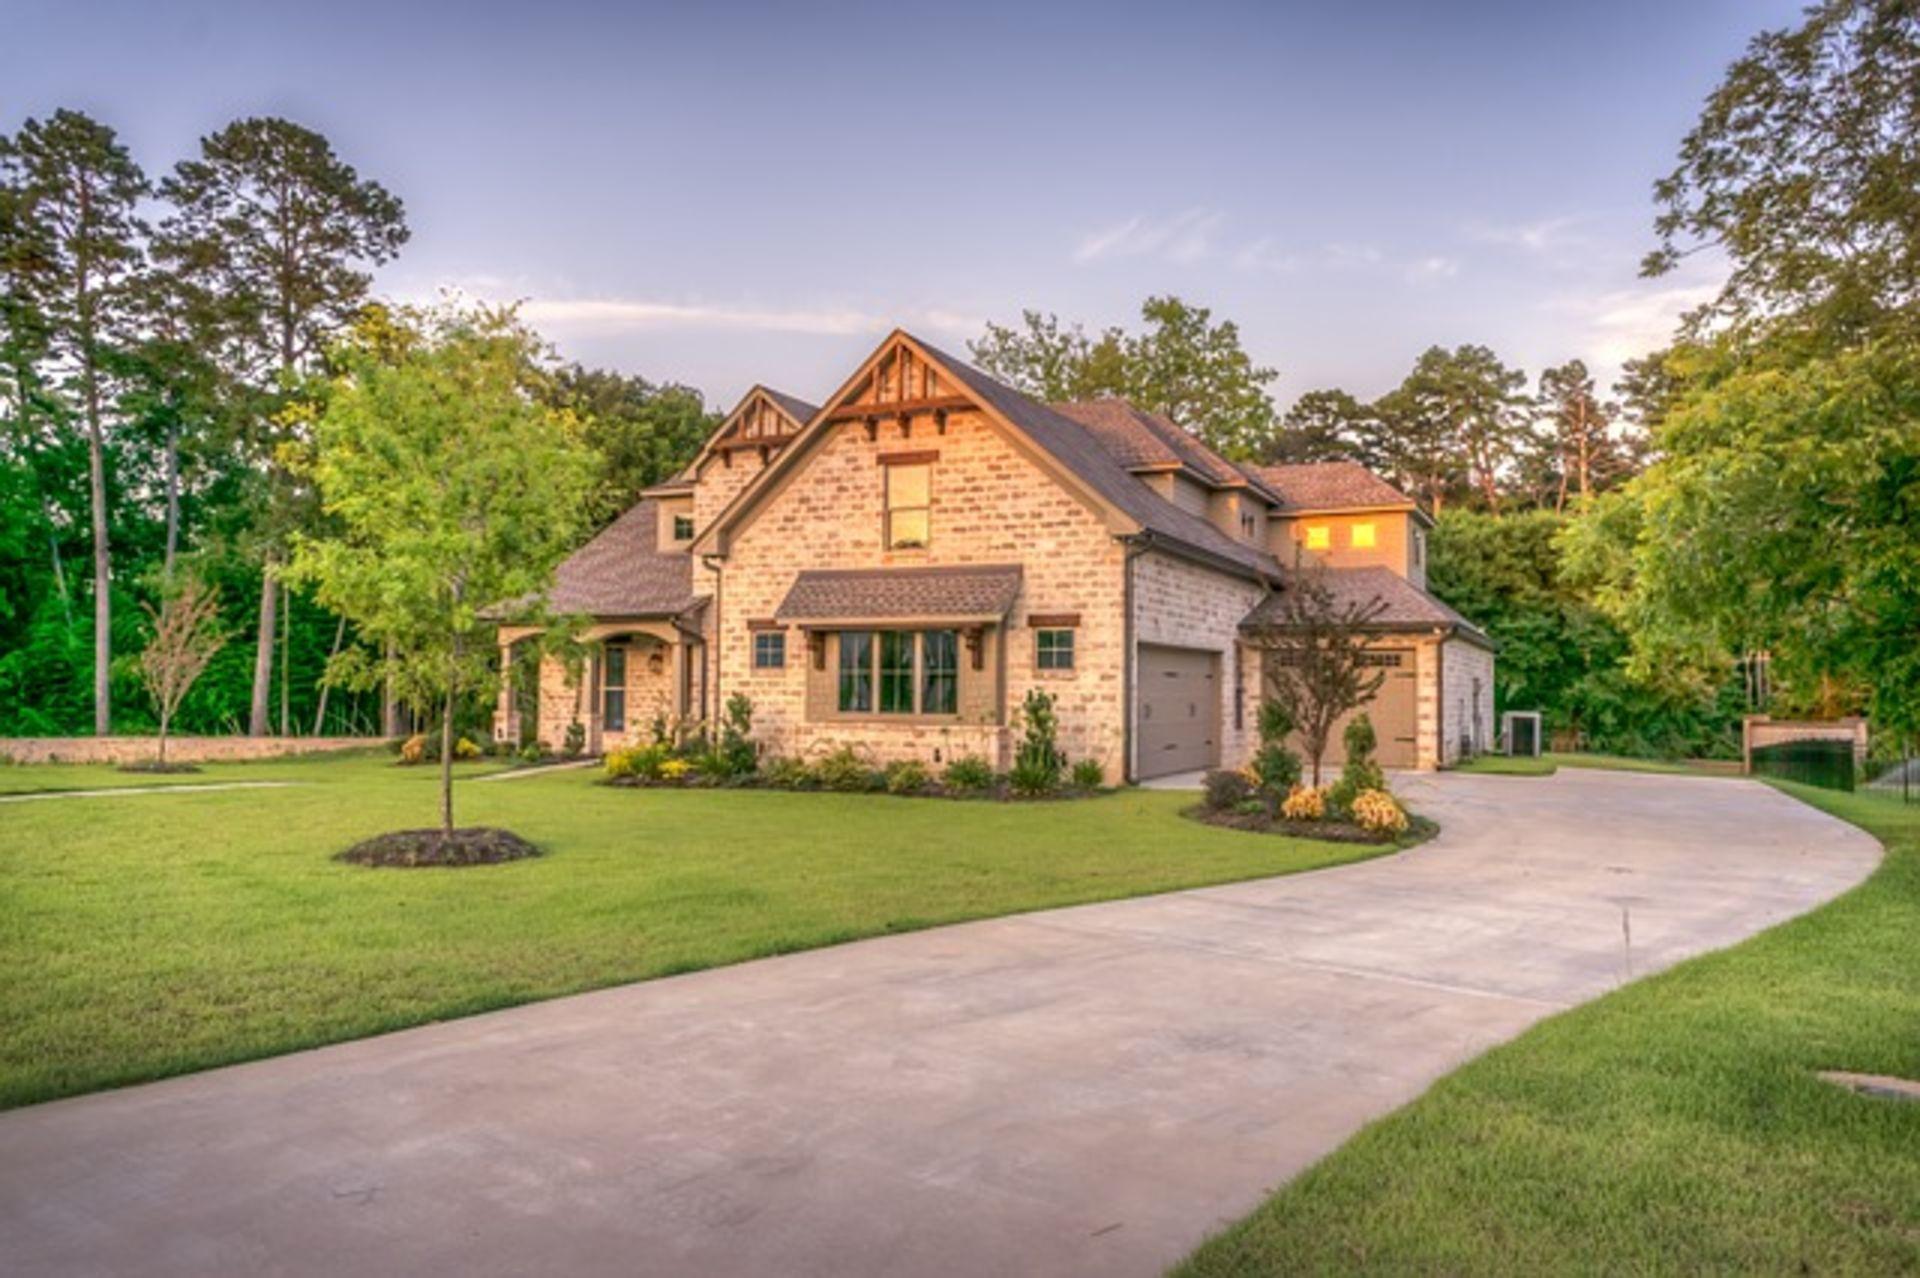 Overland park ks homes